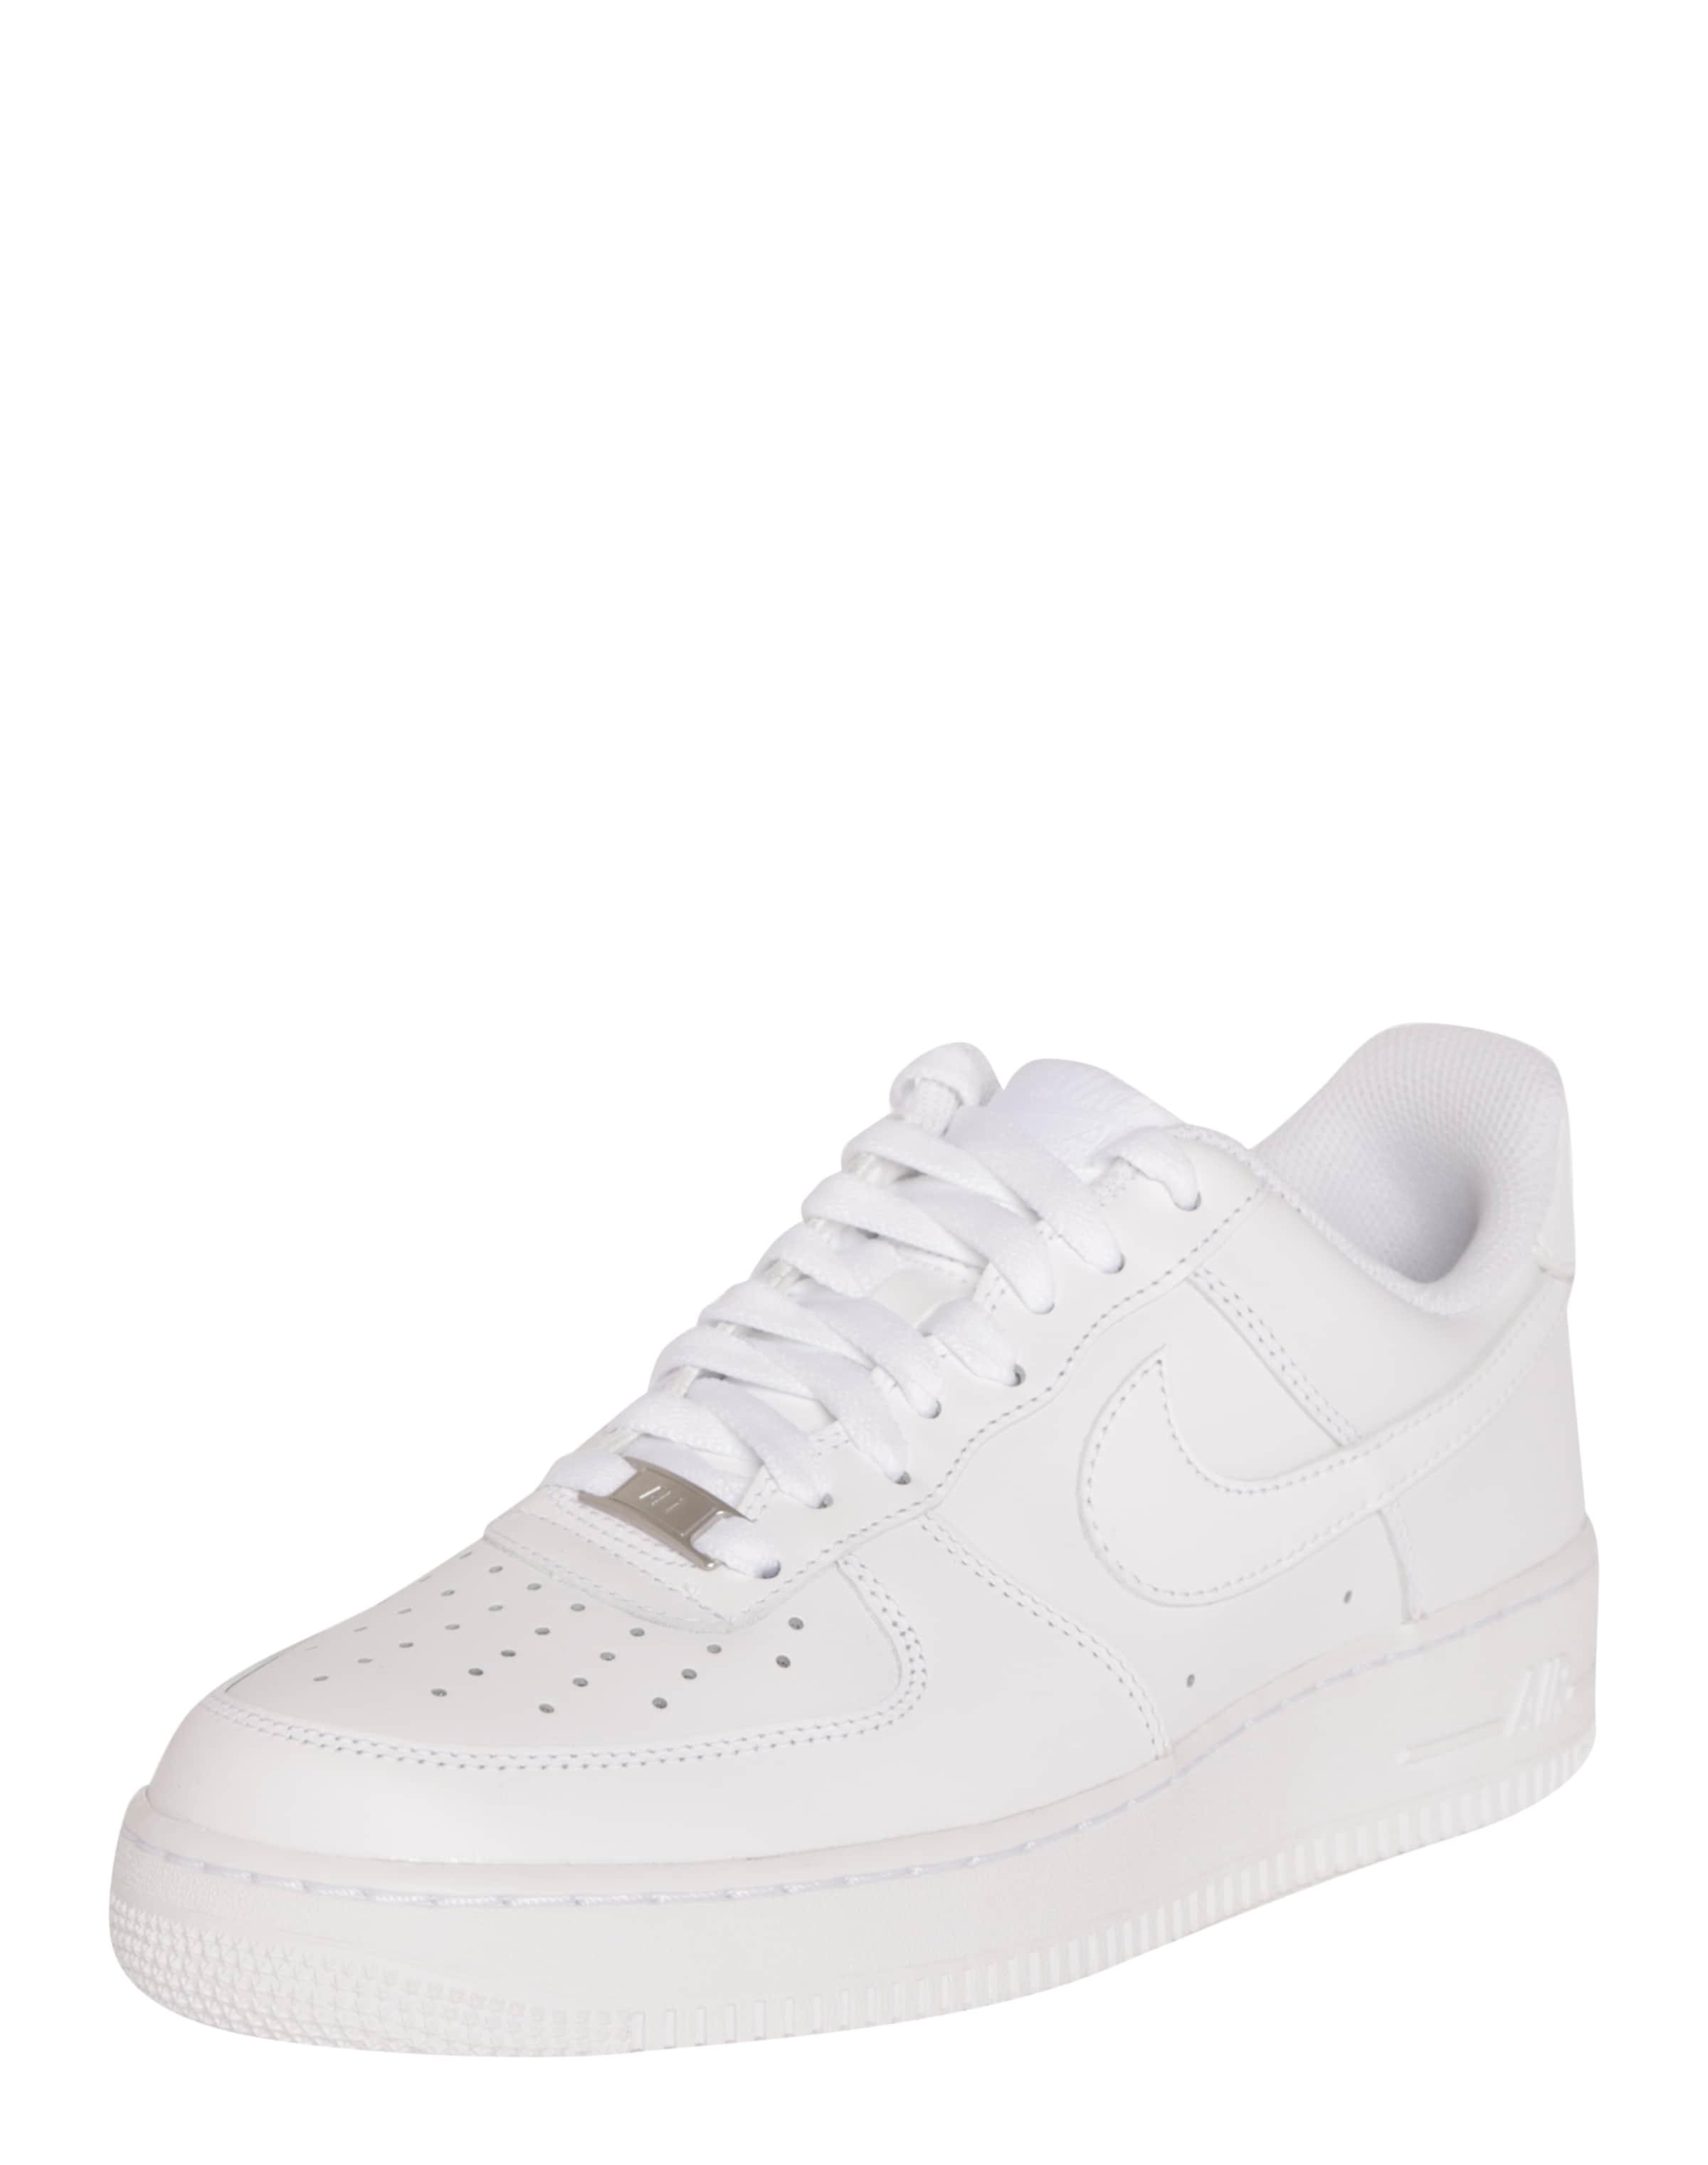 Sportswear In 1' 'air Sneaker Weiß Nike Force JlK3T1cF